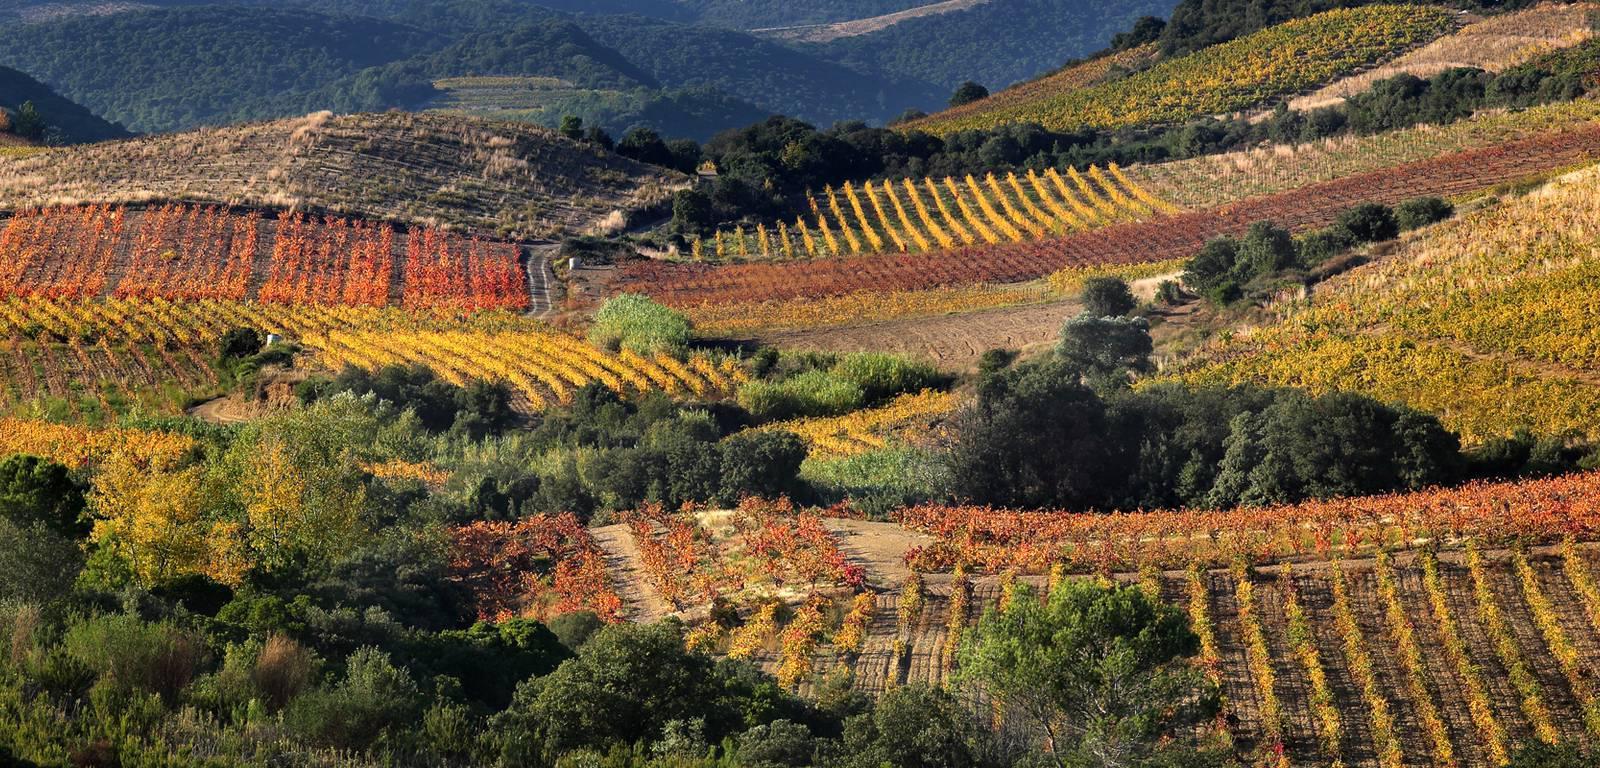 Image décrivant le produit Mercurey 1er Cru Bouchard Père & Fils 75cl qui fait partie des Vins Rouge